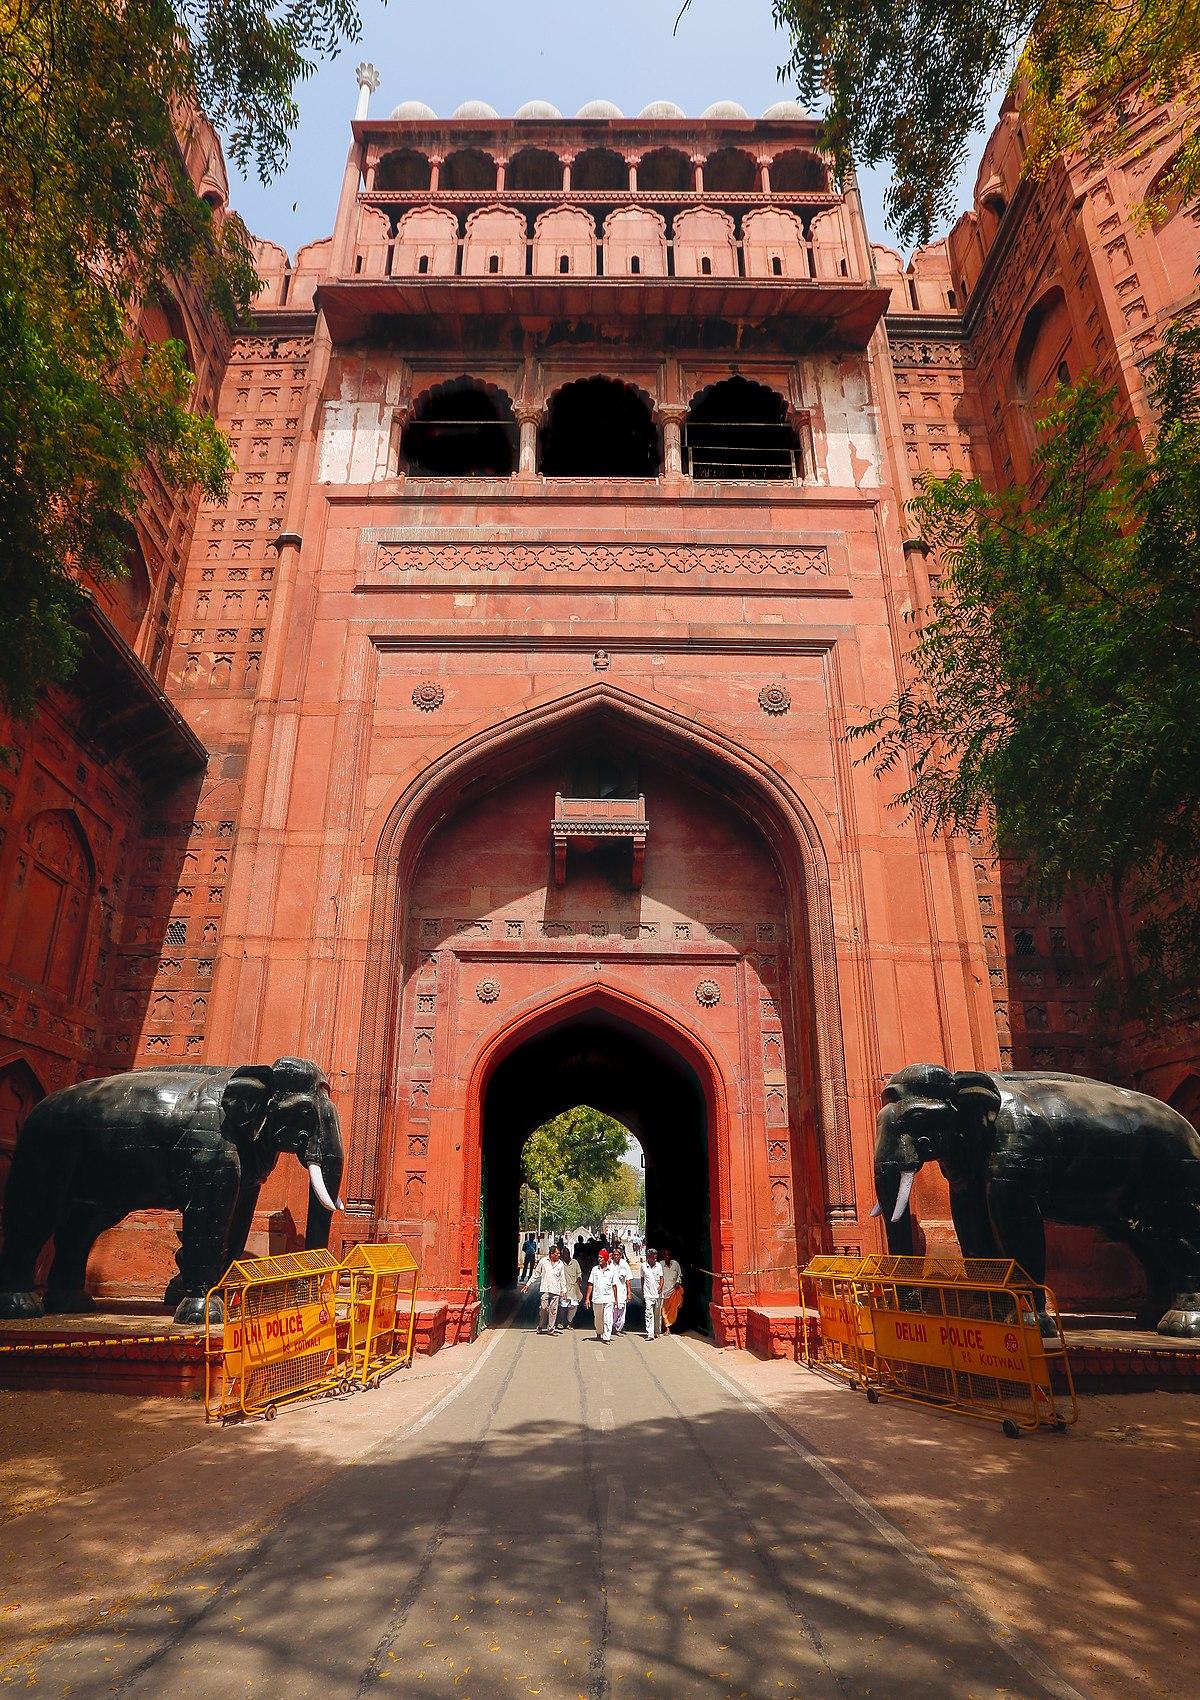 File:Delhi Gate, Red Fort.jpg - Wikimedia Commons